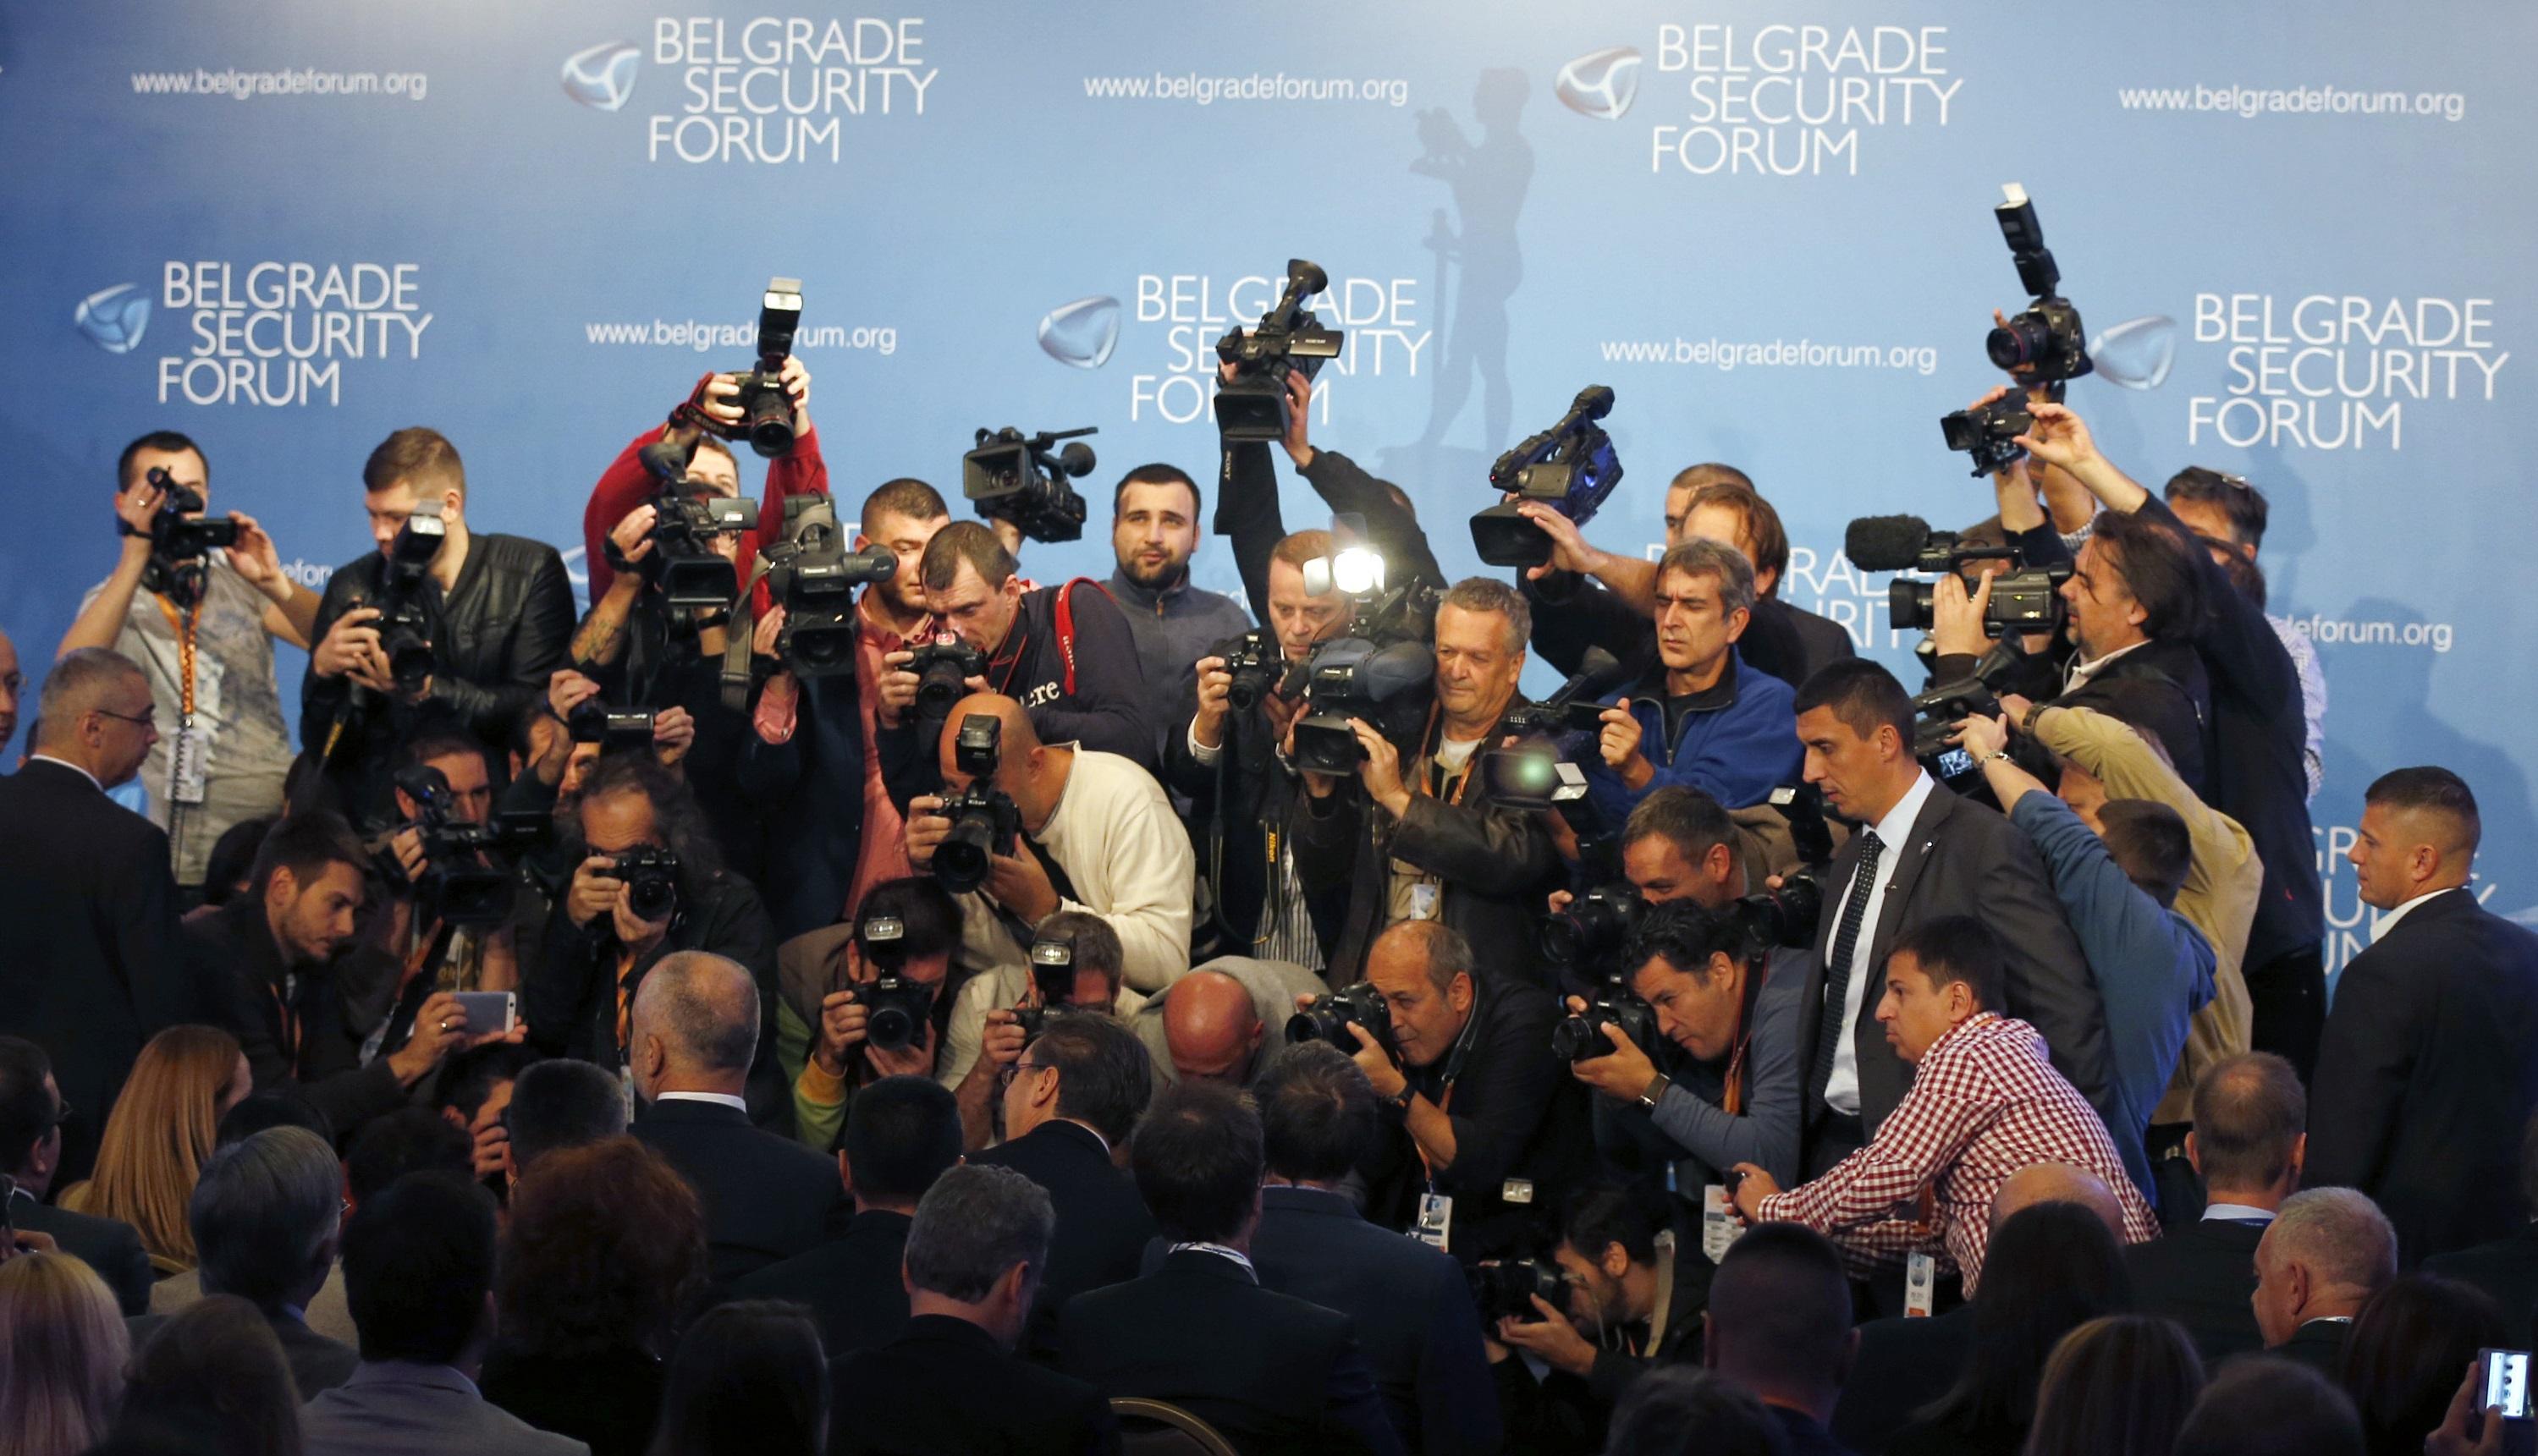 """Fotografët shkrepin foto të kryeministrit serb Vuçiç dhe atij shqiptar Rana bë panelin e diskutimeve """"E ardhmja e Marrëdhënieve Shqiptaro-Serbe dhe Stabiliteti i Europës Juglindore"""". 13 tetor 2016. Foto: BETA/(AP Photo/Darko Vojinovic)"""